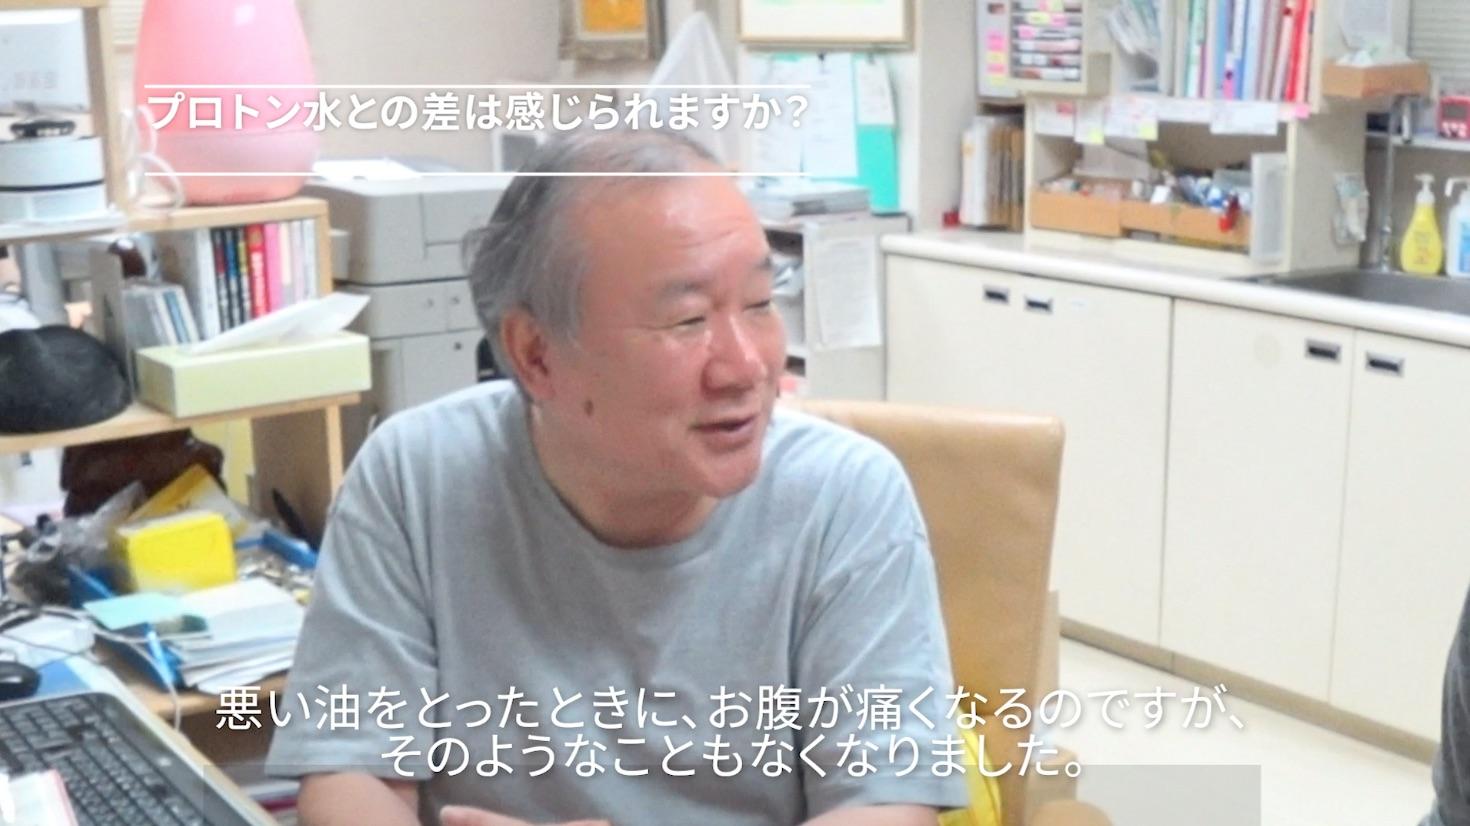 体内記憶で有名な産婦人科医の池川明先生にプロトン水について取材させていただきました